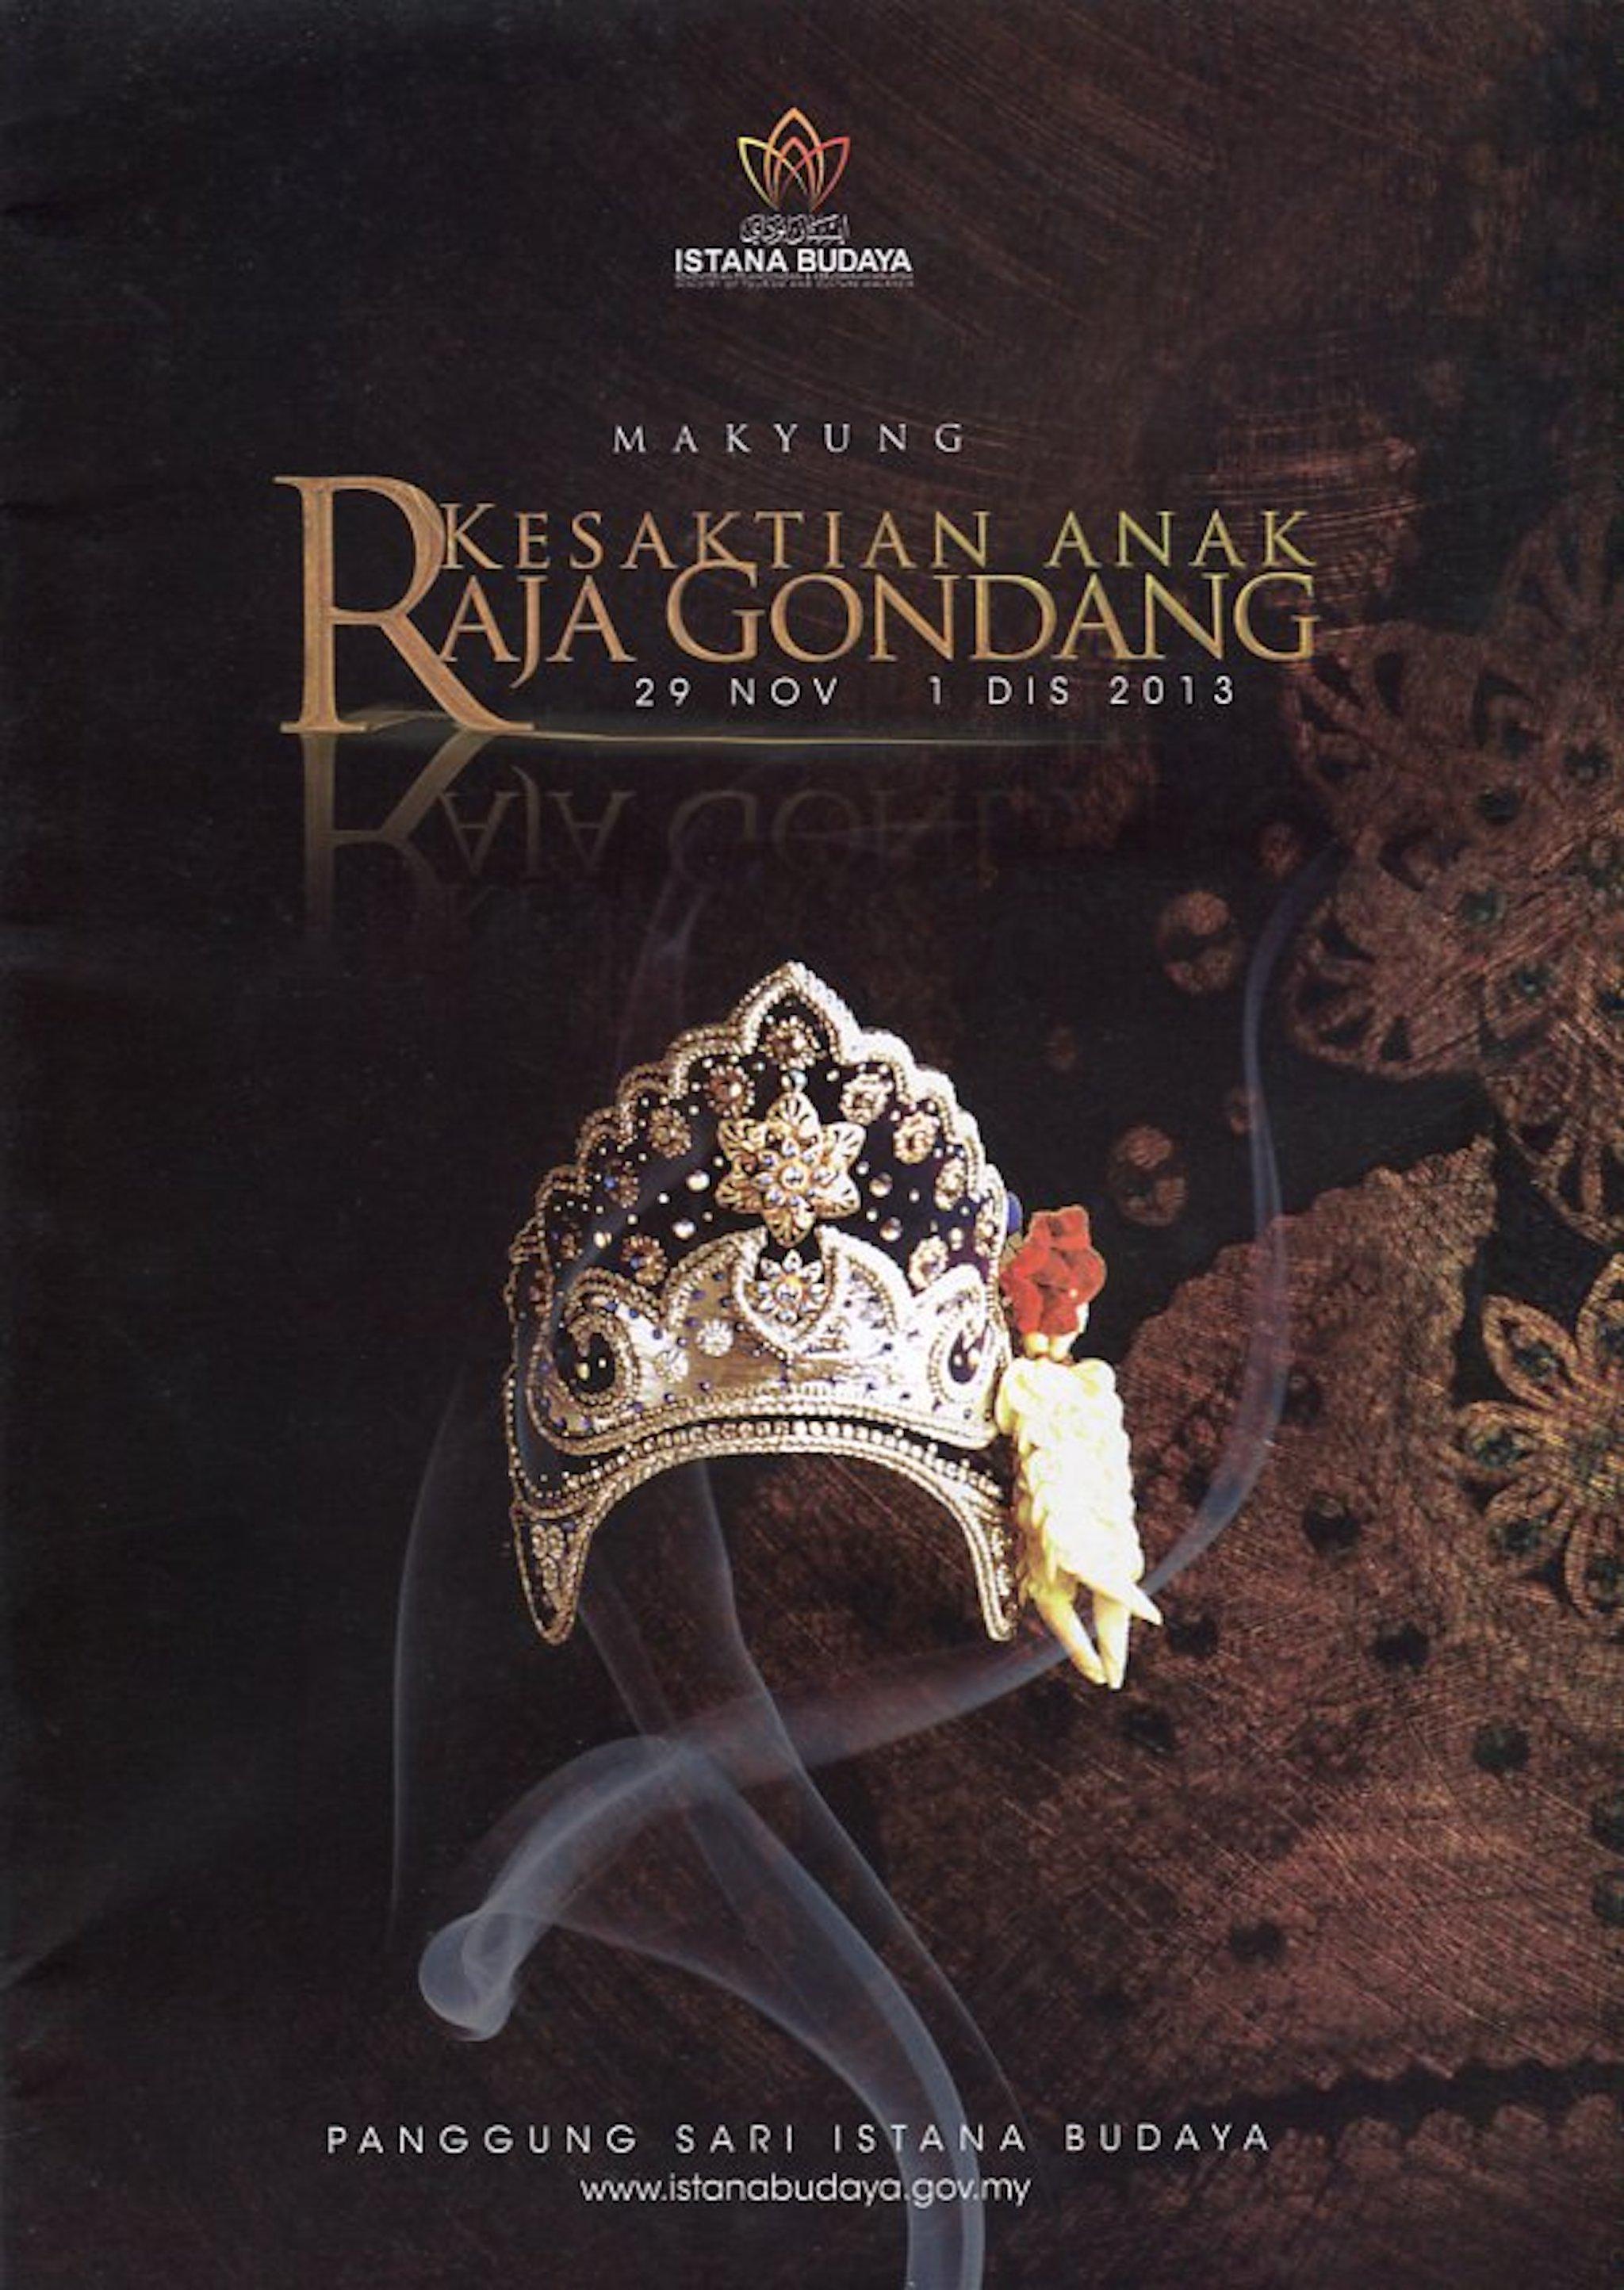 2013 Makyung Kesaktian Anak Raja Gondang cover 1